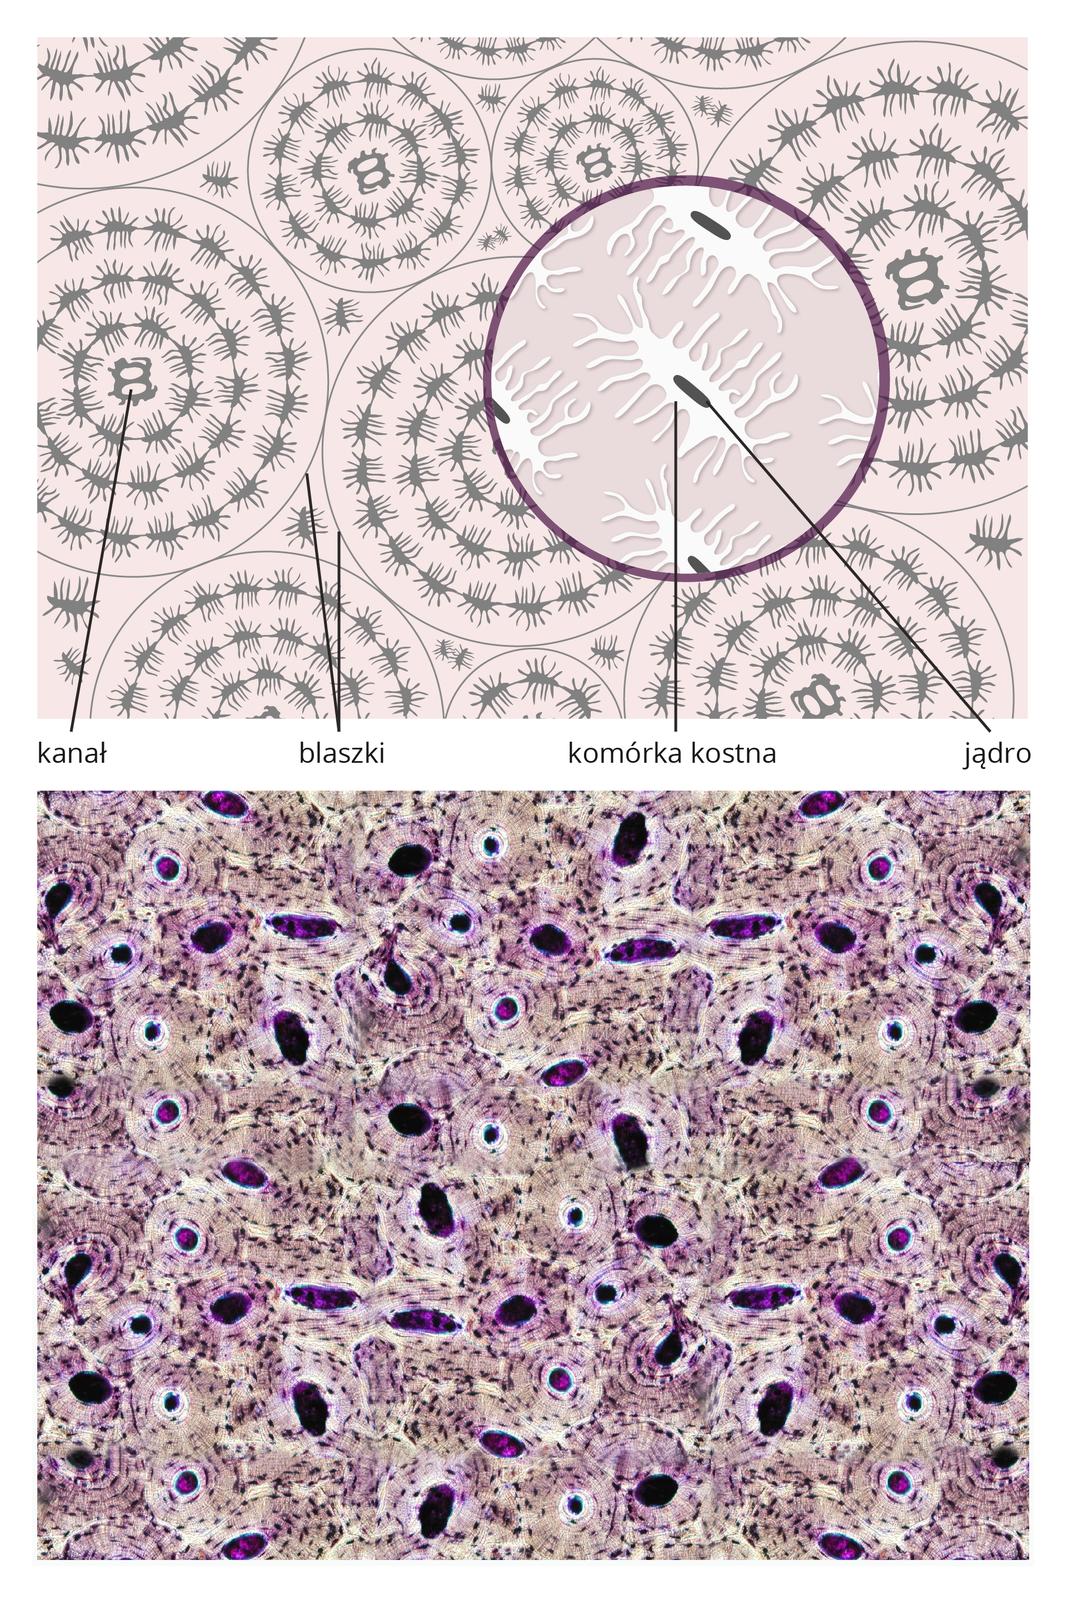 Ilustracja przedstawia tkankę kostną na dwóch ilustracjach jednej pod drugą. Ugóry schematyczny rysunek. Na jasnoróżowym tle zaznaczono koncentryczne szare okręgi, wktórych narysowano komórki. Mają kształt owali zlicznymi wypustkami. Wskazano kanał iokręgi bez komórek, czyli blaszki. Powiększenie przedstawia białą owalną komórkę kostną zlicznymi wypustkami. Wcentrum ciemnoszare, podłużne jądro. Poniżej znajduje się obraz mikroskopowy tkanki kostnej. Na fioletowym tle ciemne owale to kanały, wokół nich koncentrycznie ciemne plamki – komórki kostne.